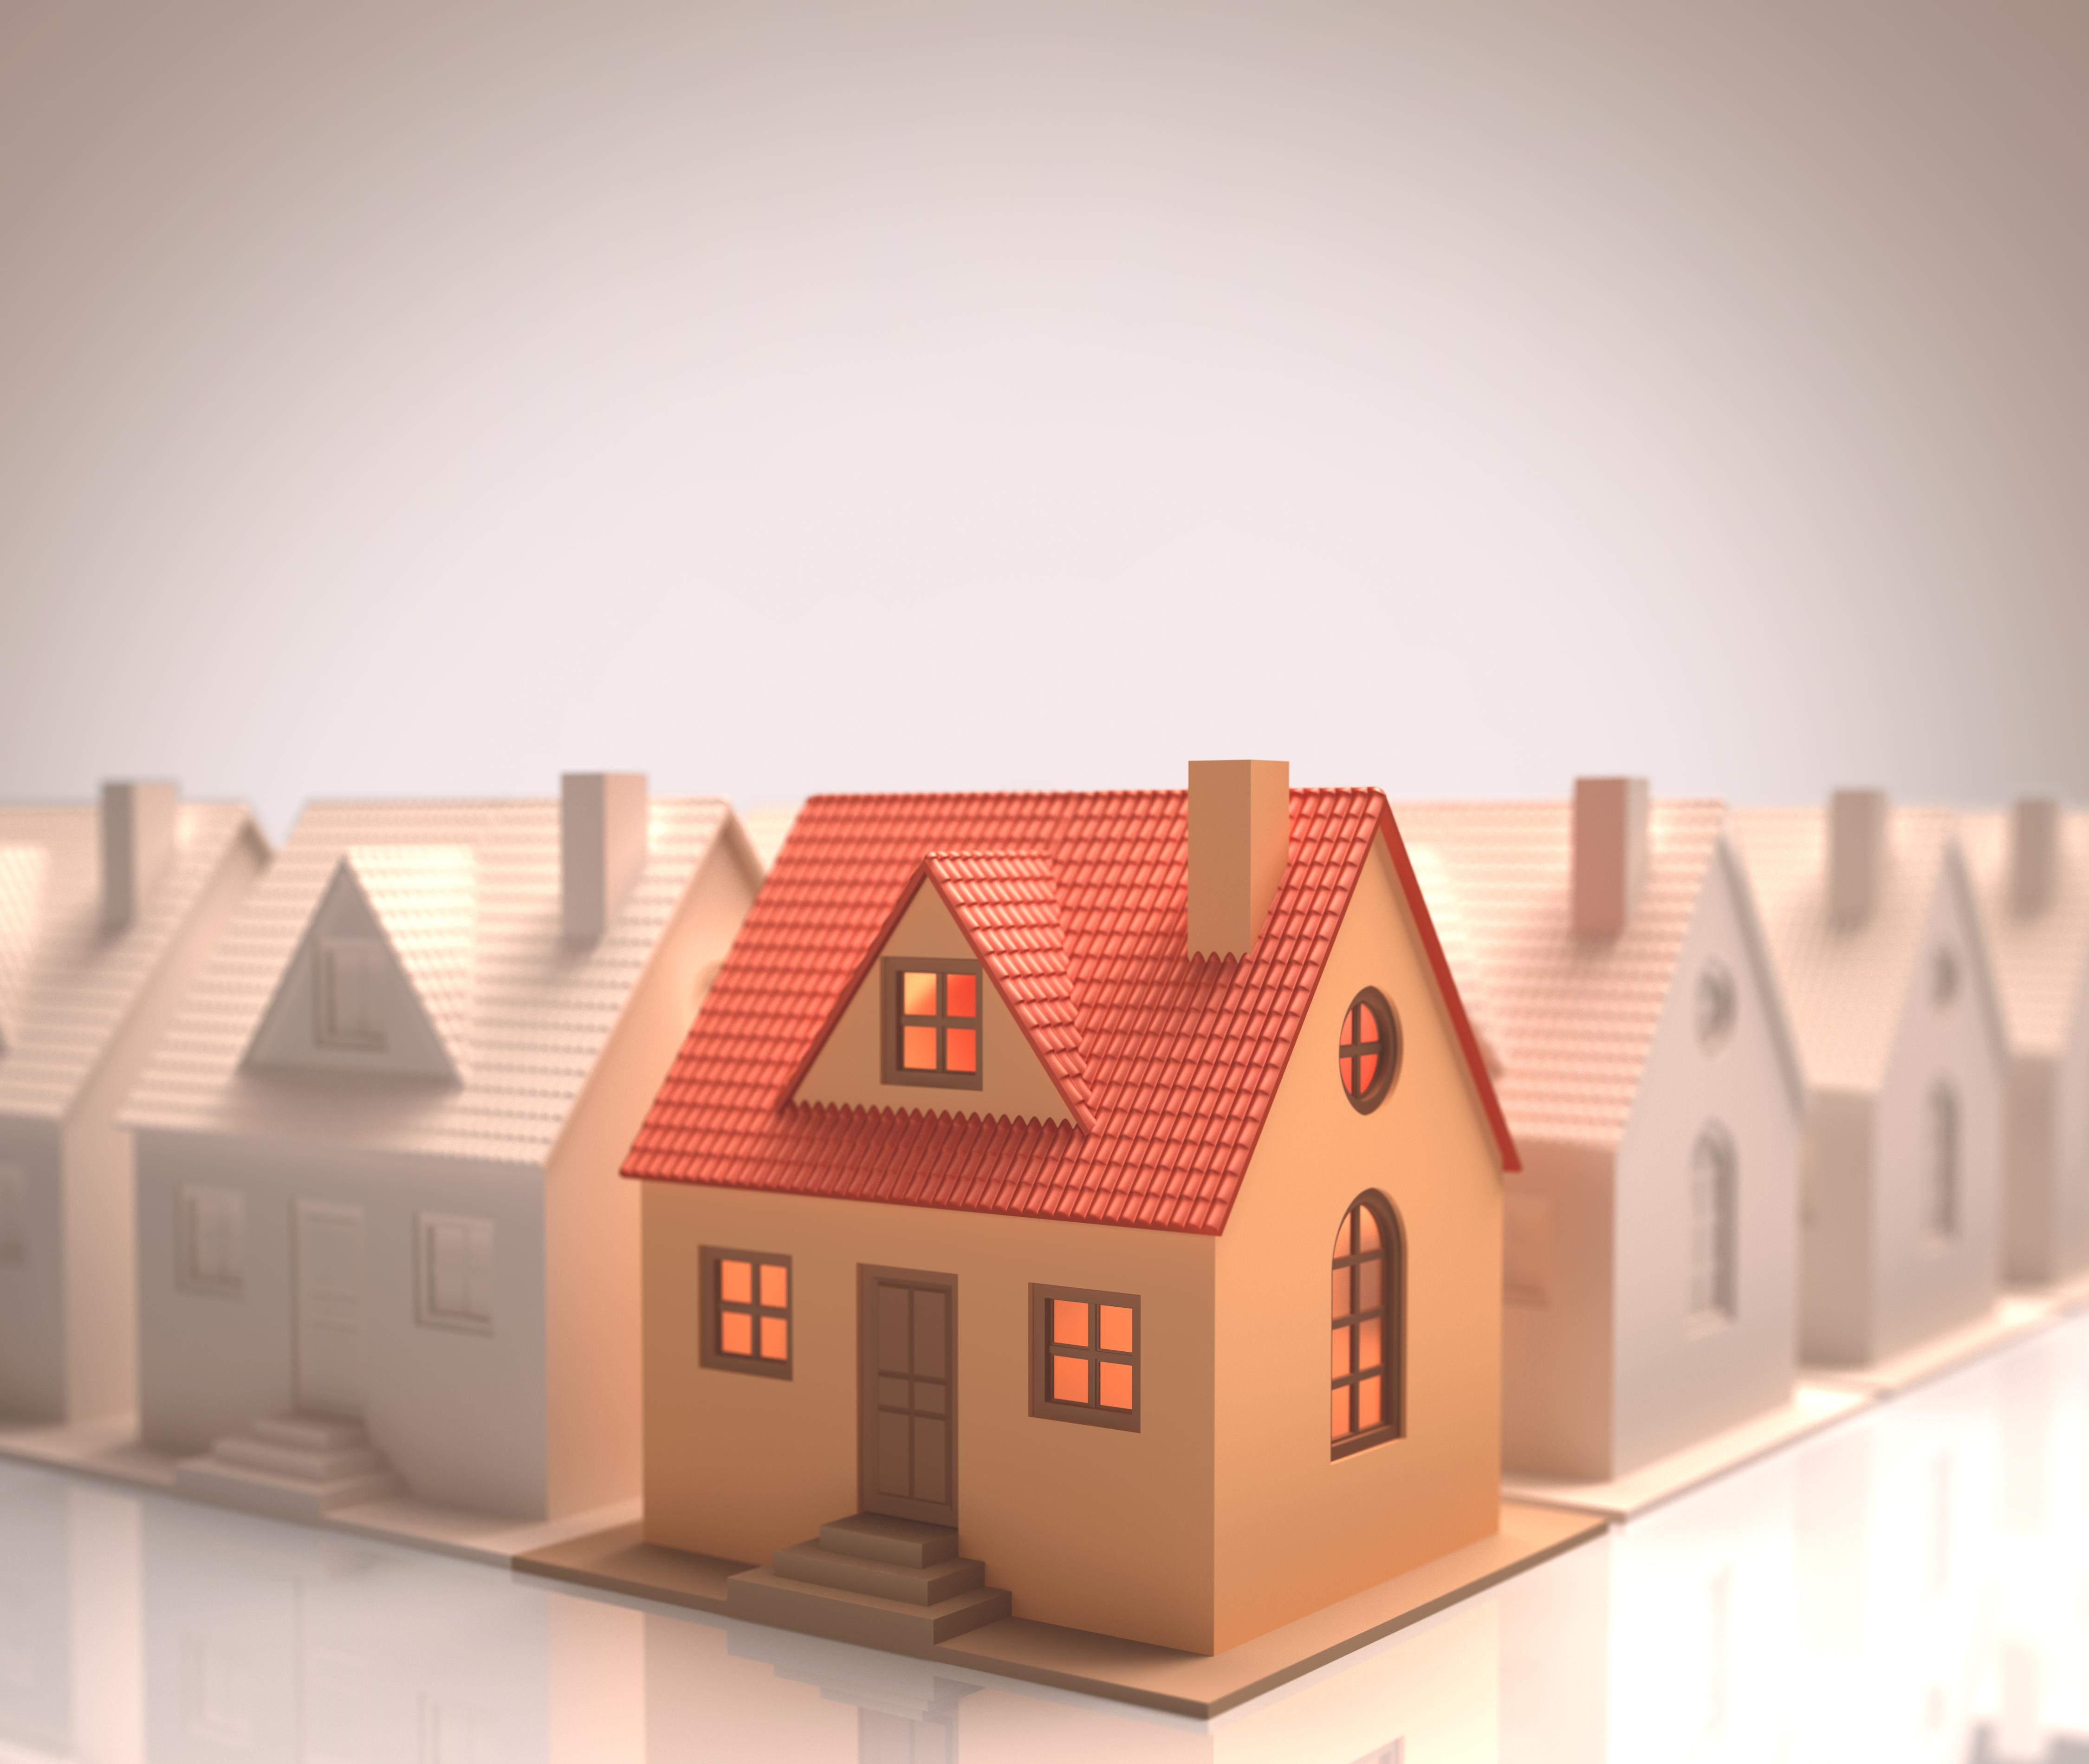 Costi acquisto prima casa perfect intestare la casa a un figlio o ad un genitore quali sono i - Onorari notarili acquisto prima casa ...